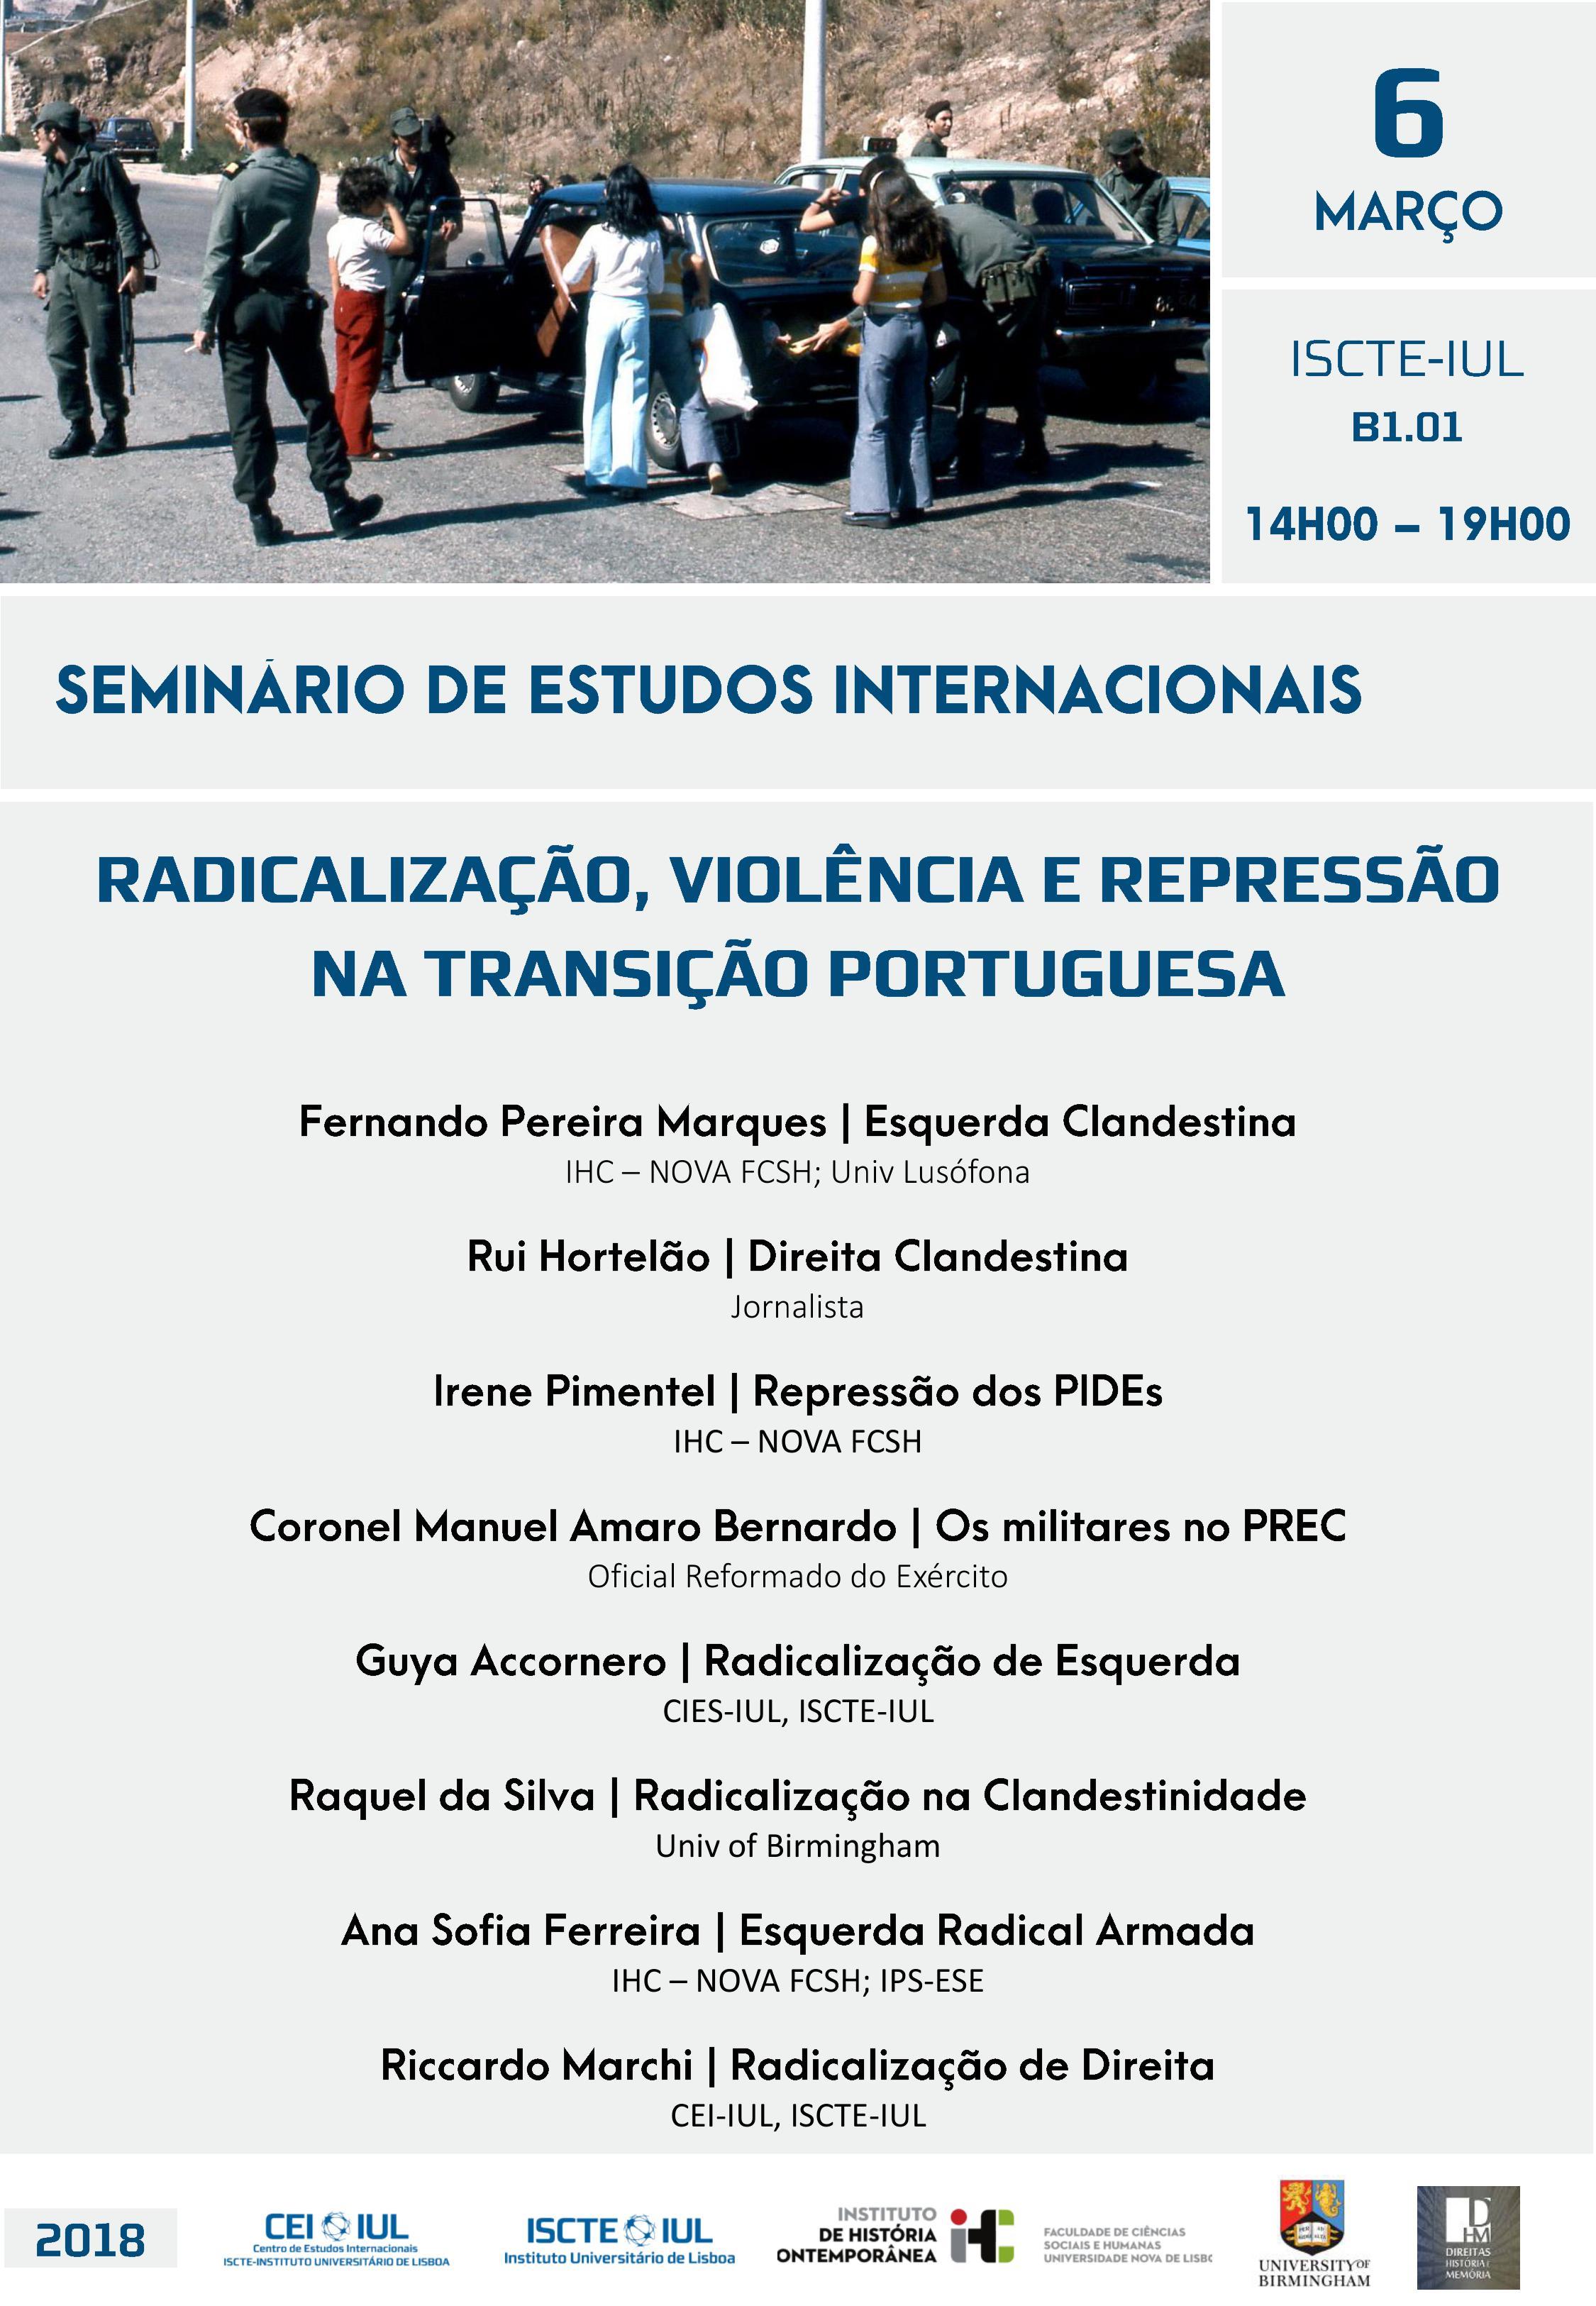 Radicalização, Violência e Repressão na Transição Portuguesa